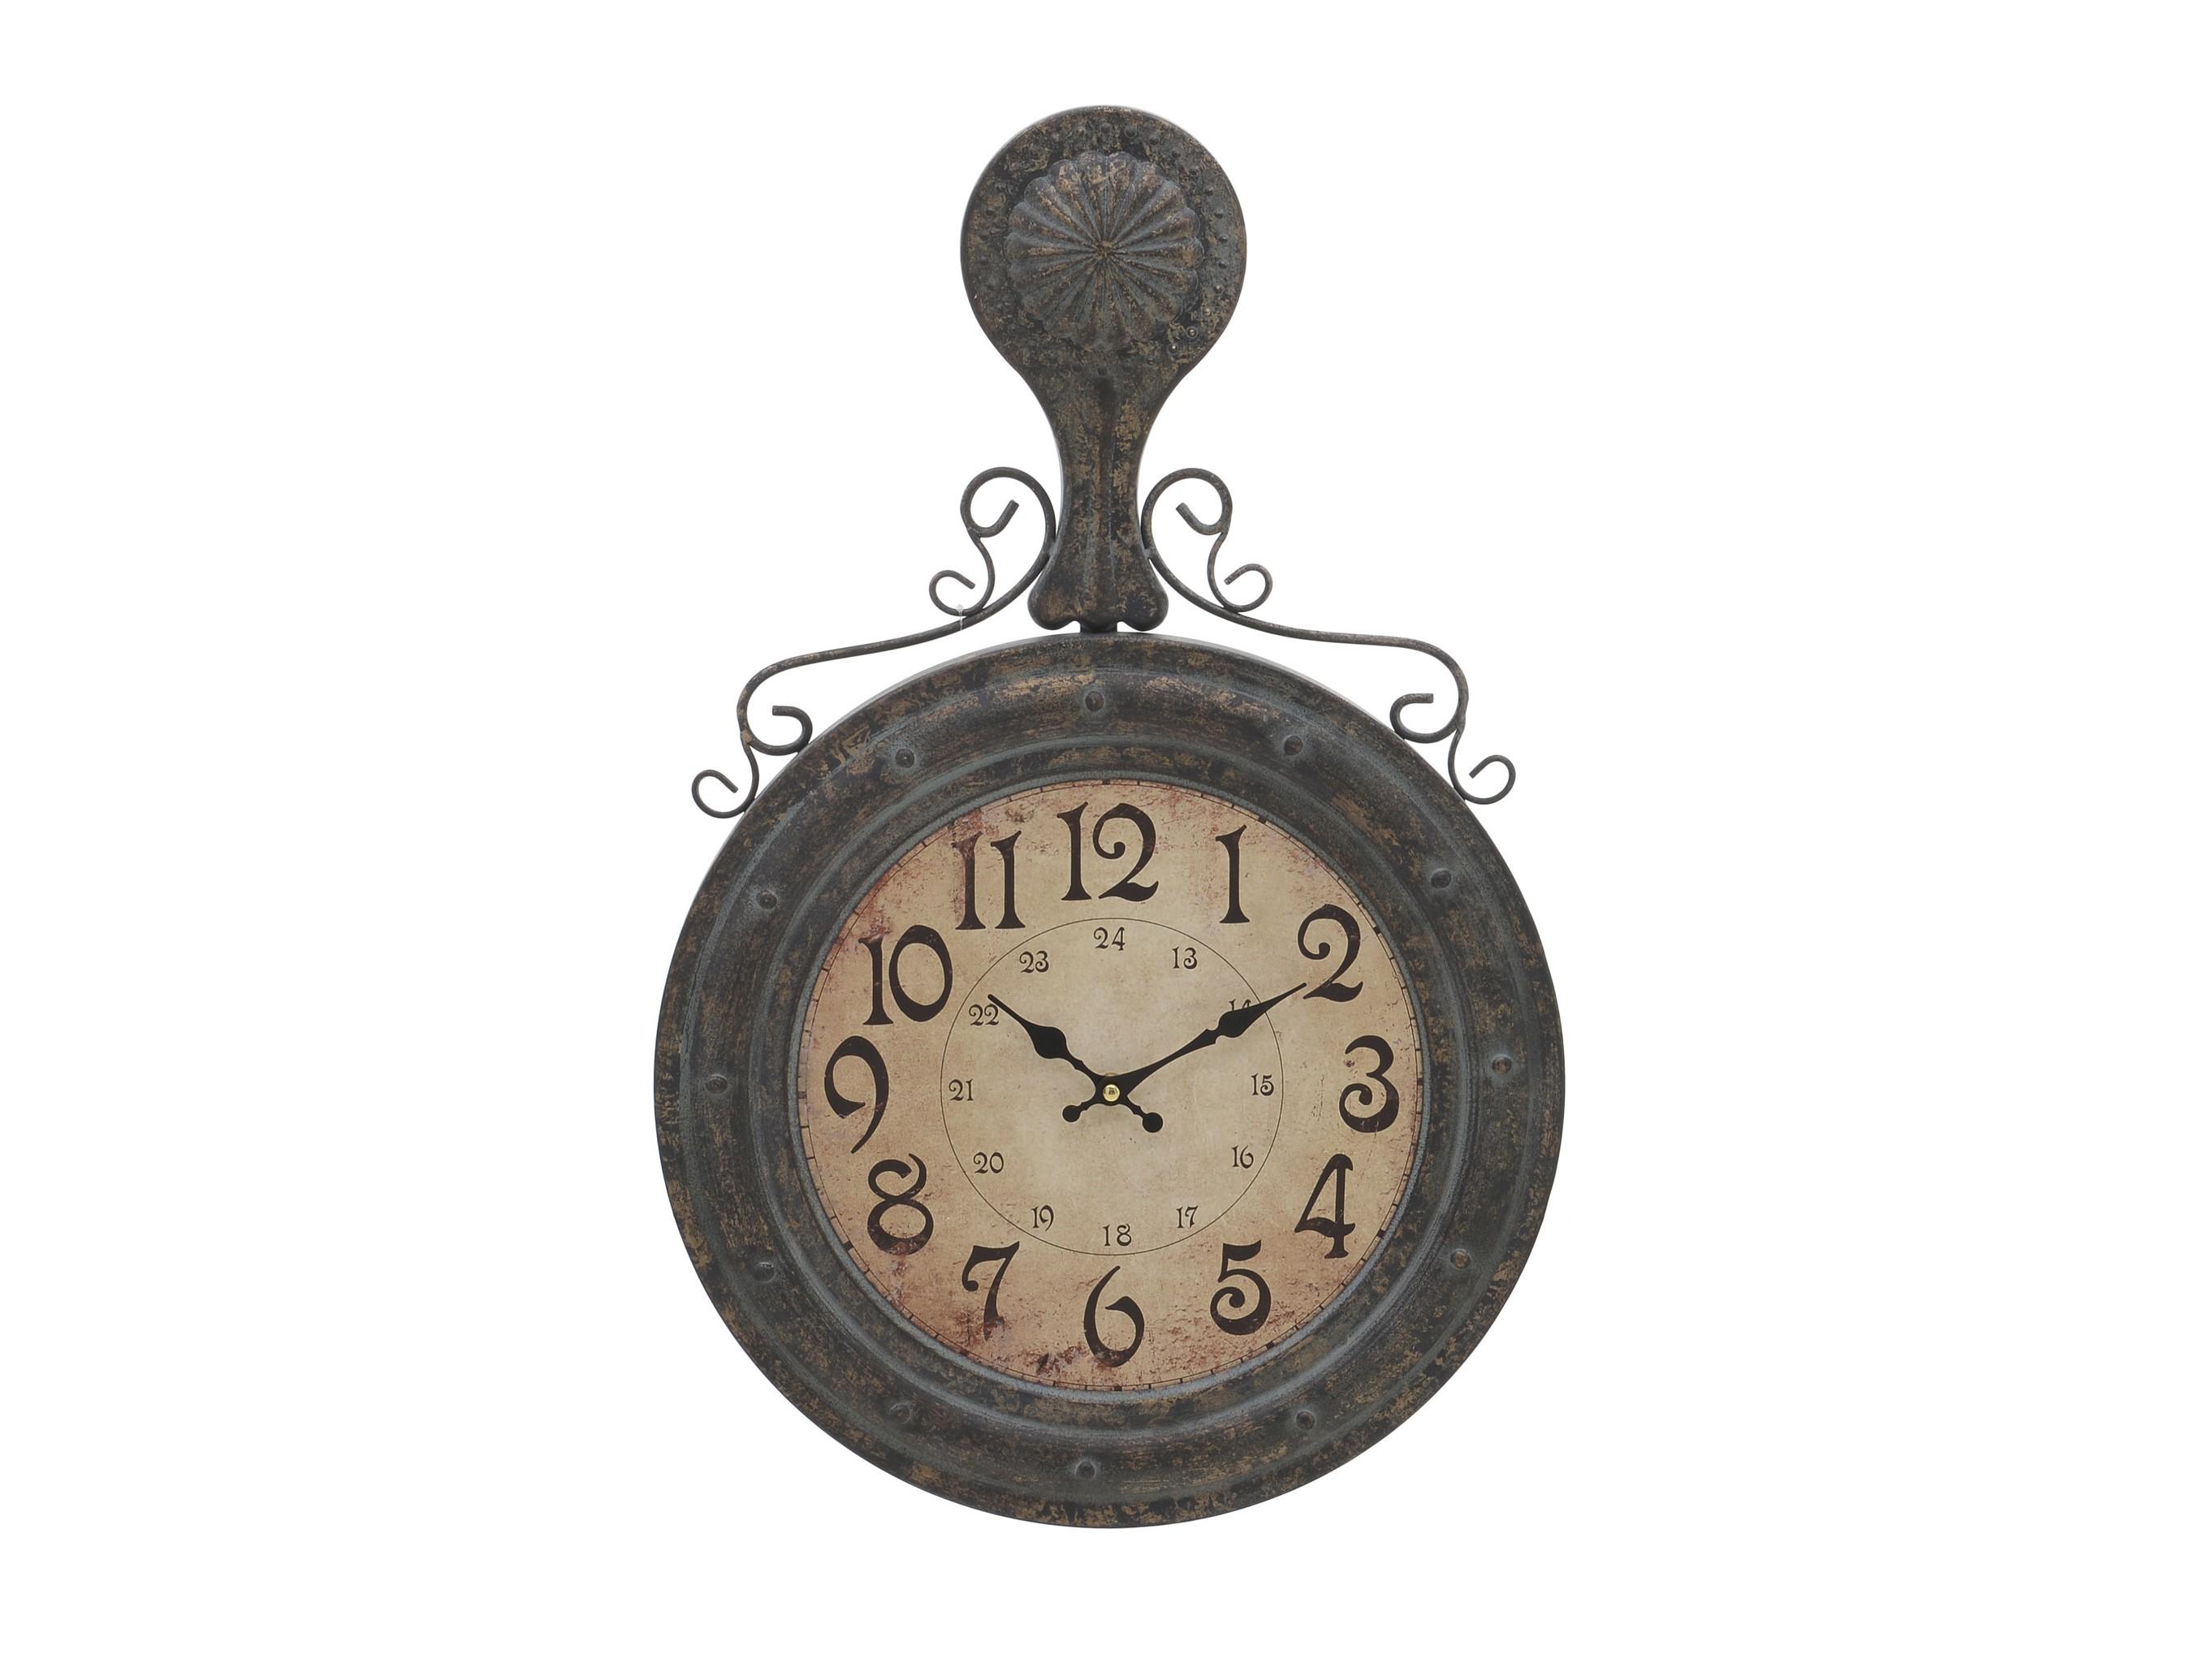 Настенные часы JohanНастенные часы<br>Кварцевый механизм<br><br>Material: Металл<br>Ширина см: 38.5<br>Высота см: 60.5<br>Глубина см: 3.5